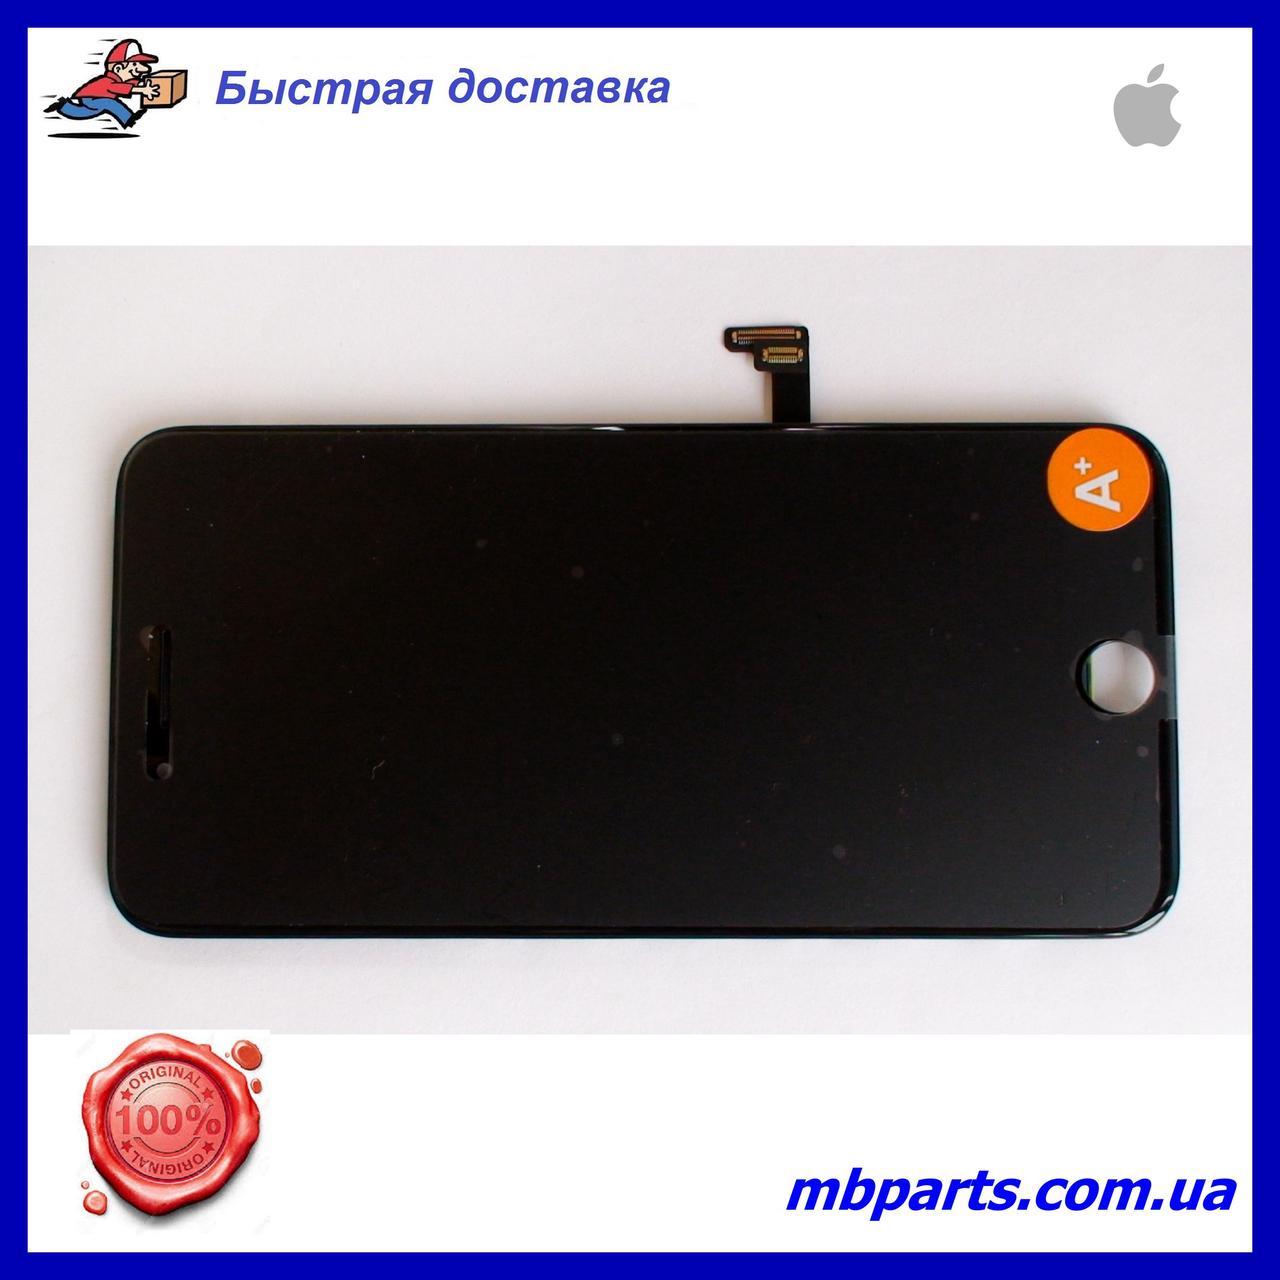 """Дисплей iPhone 8 Plus (5,5"""") Black, оригінал з рамкою (відновлене скло)"""